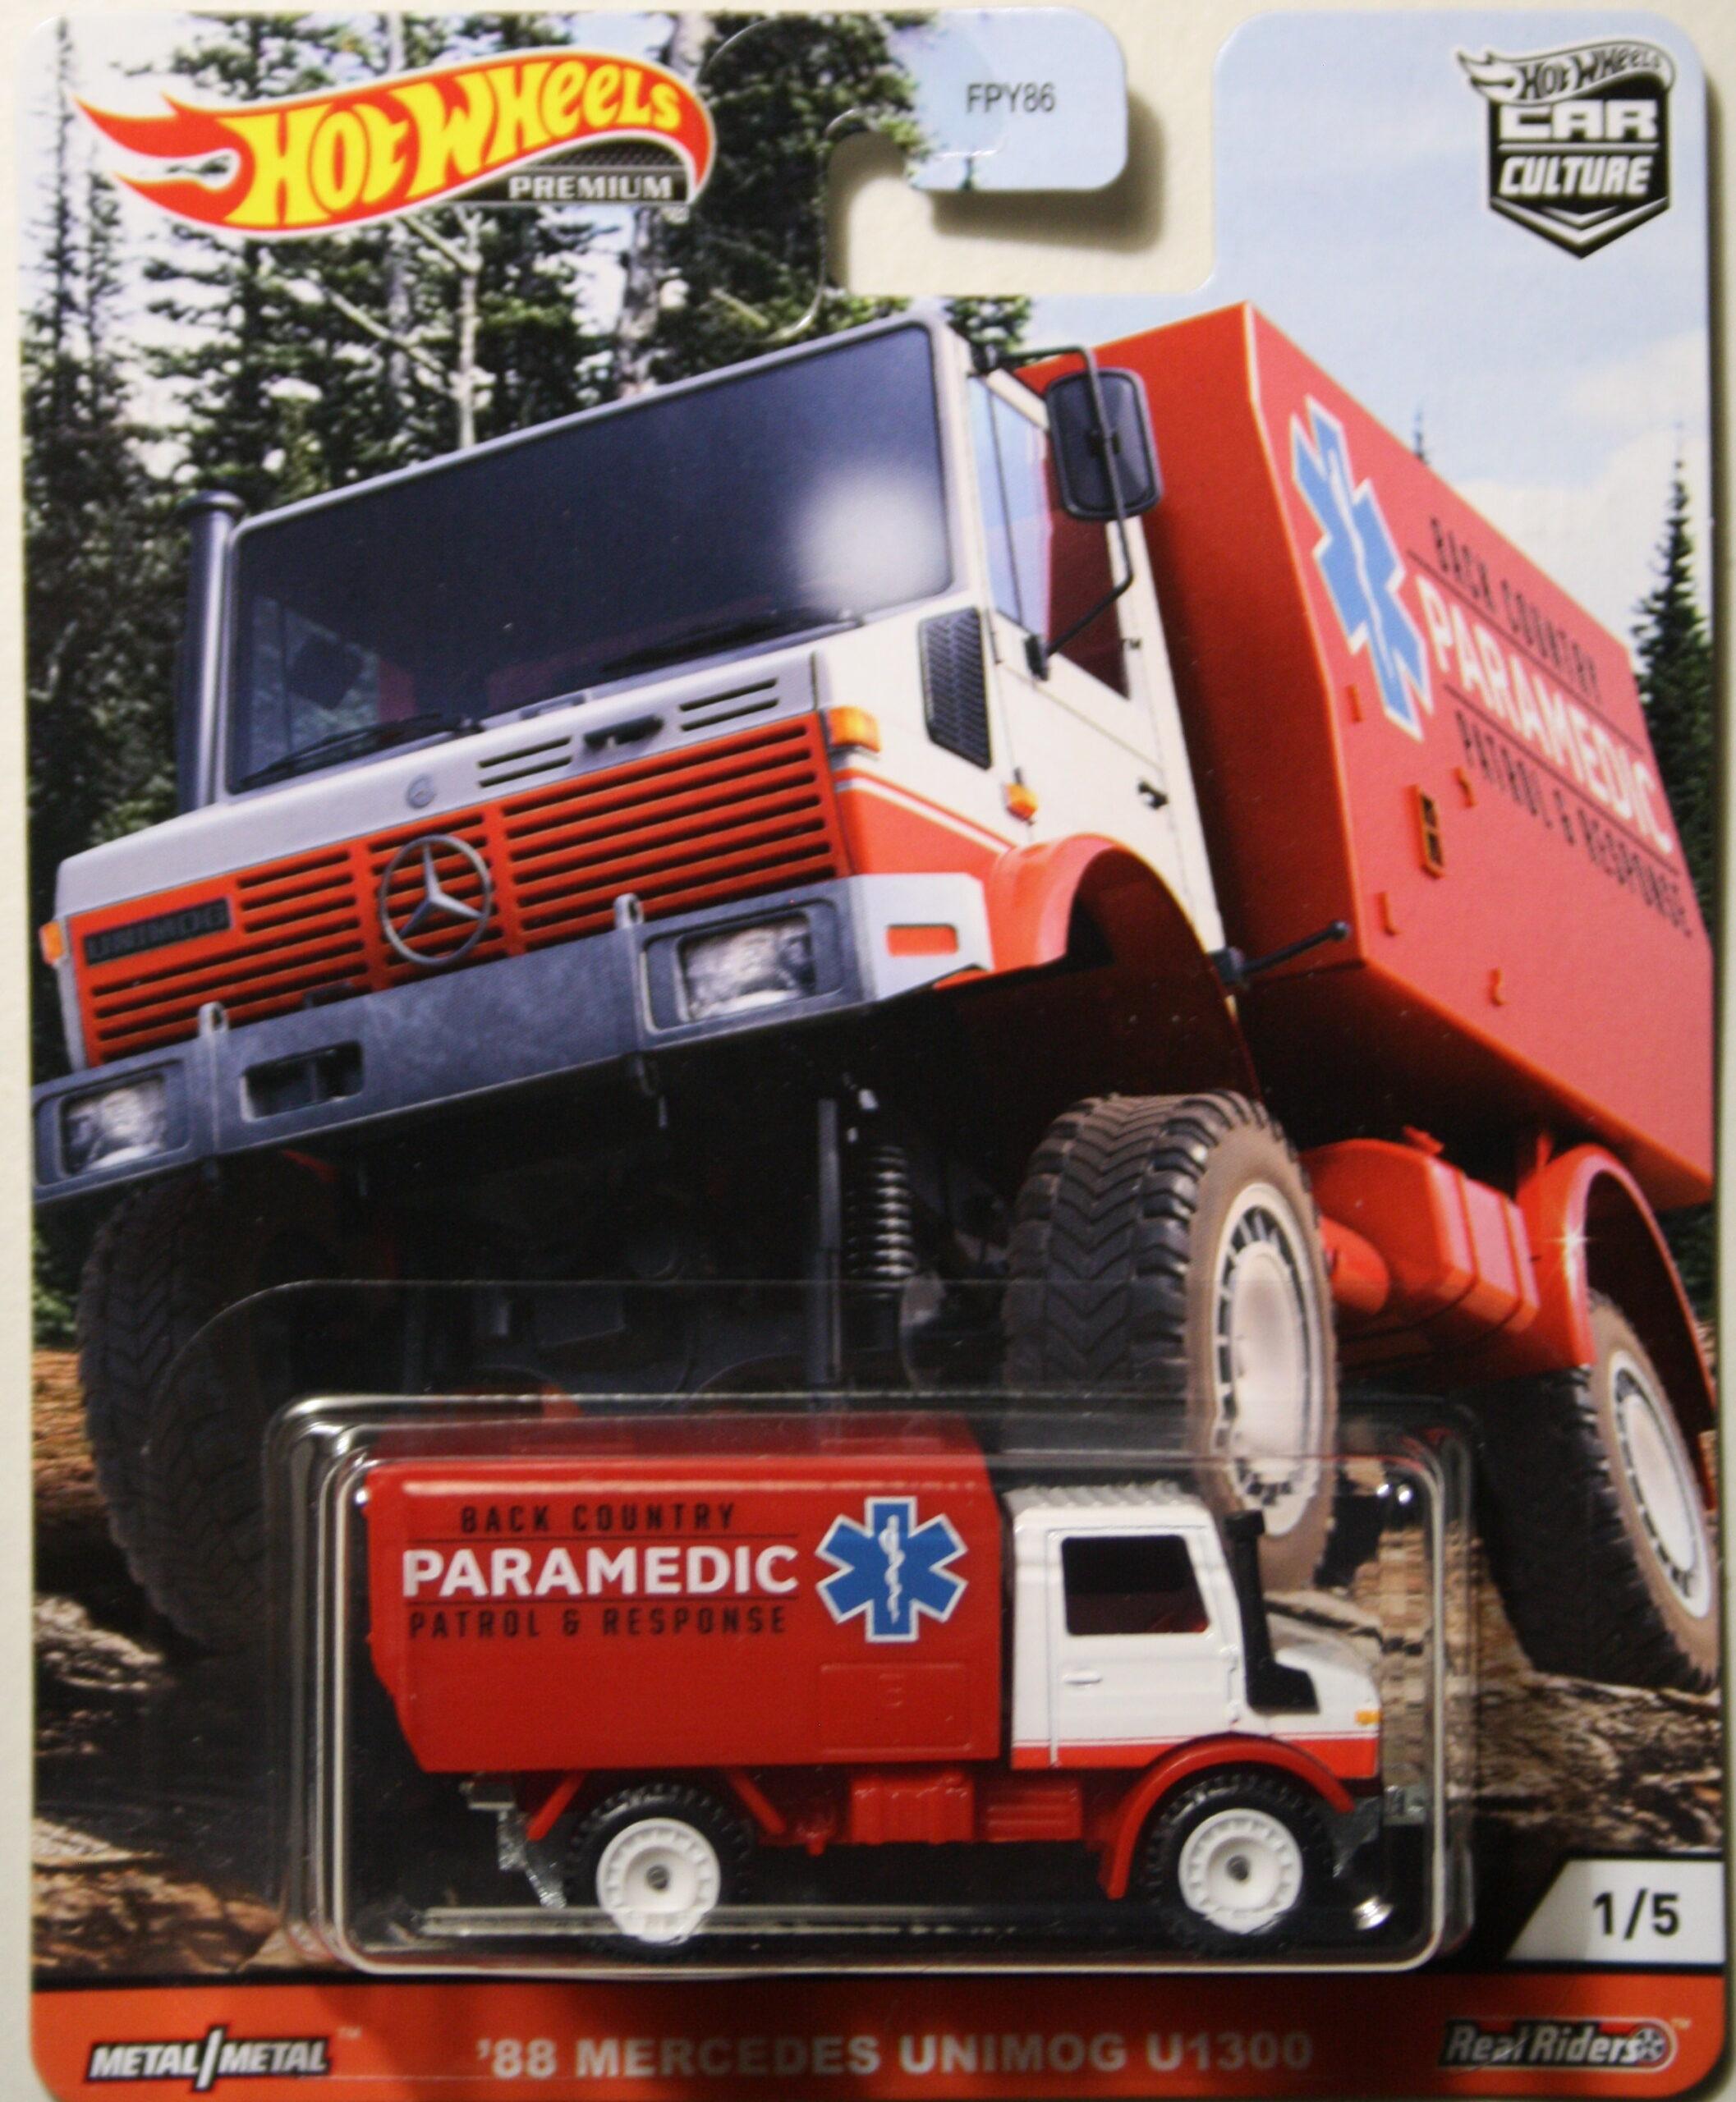 Hot Wheels Car Culture 88 Mercedes Unimog Paramedic